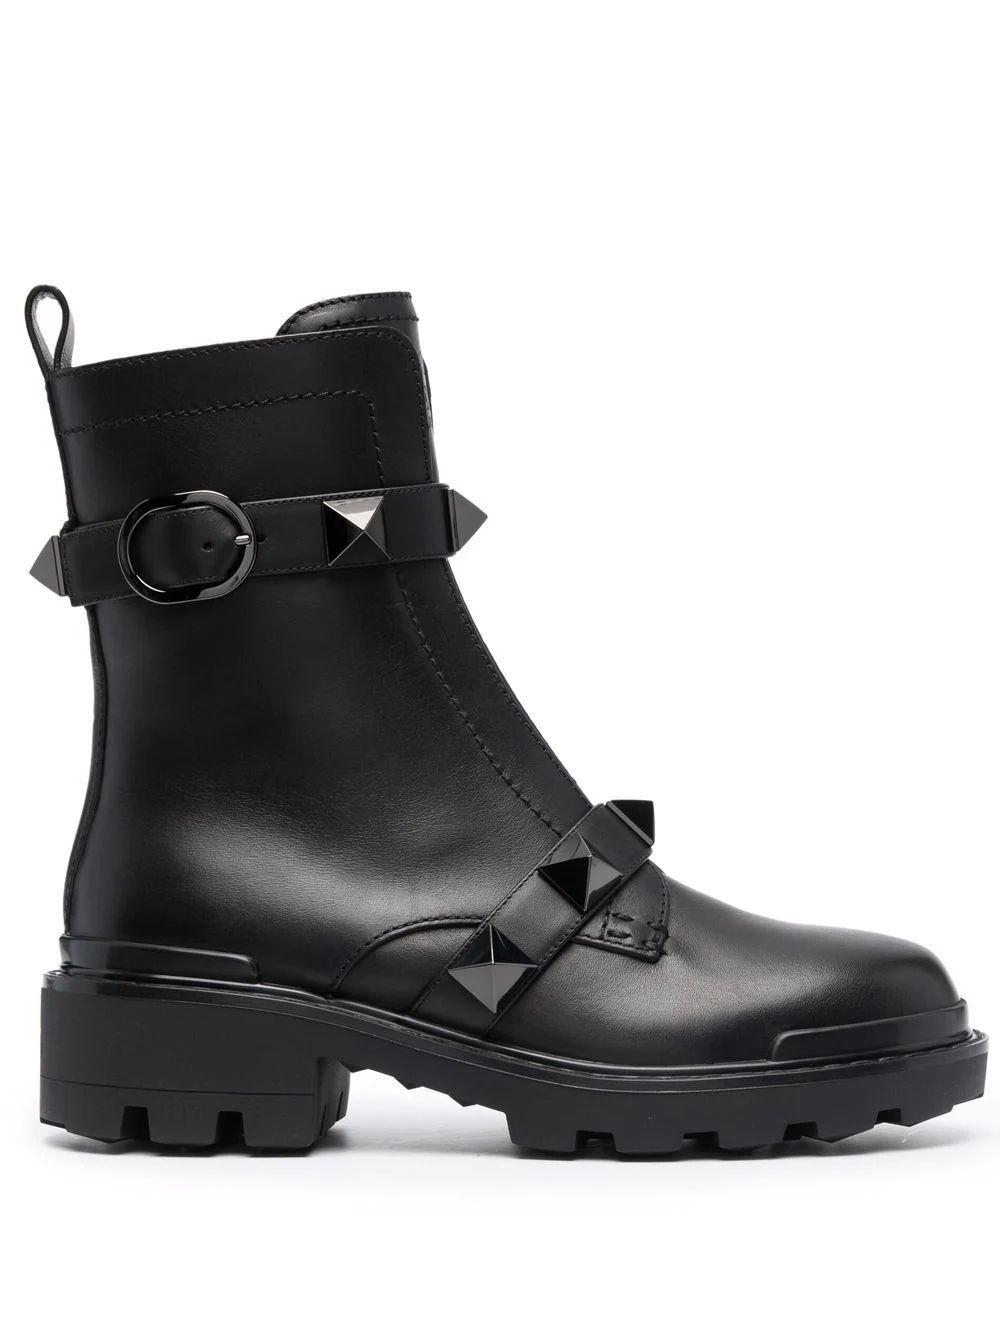 Roman Stud Combat Boots Item # WW2S0CJ3FYP